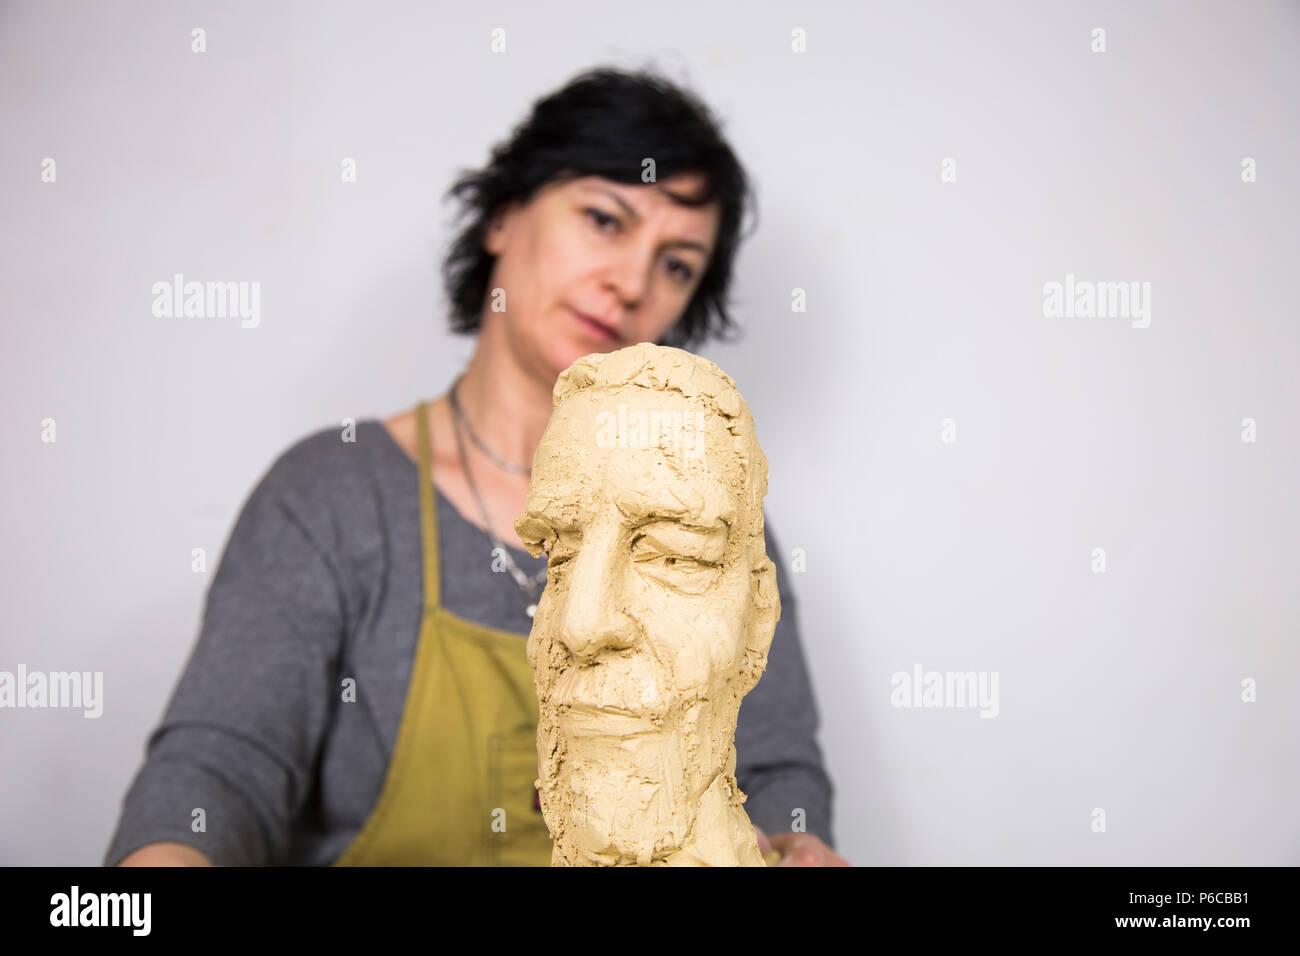 La création d'un artiste sculpteur sculpture buste avec de l'argile. Elle est heureuse de son travail, elle est concentrée, elle est la sculpture d'une femme. Photo Stock